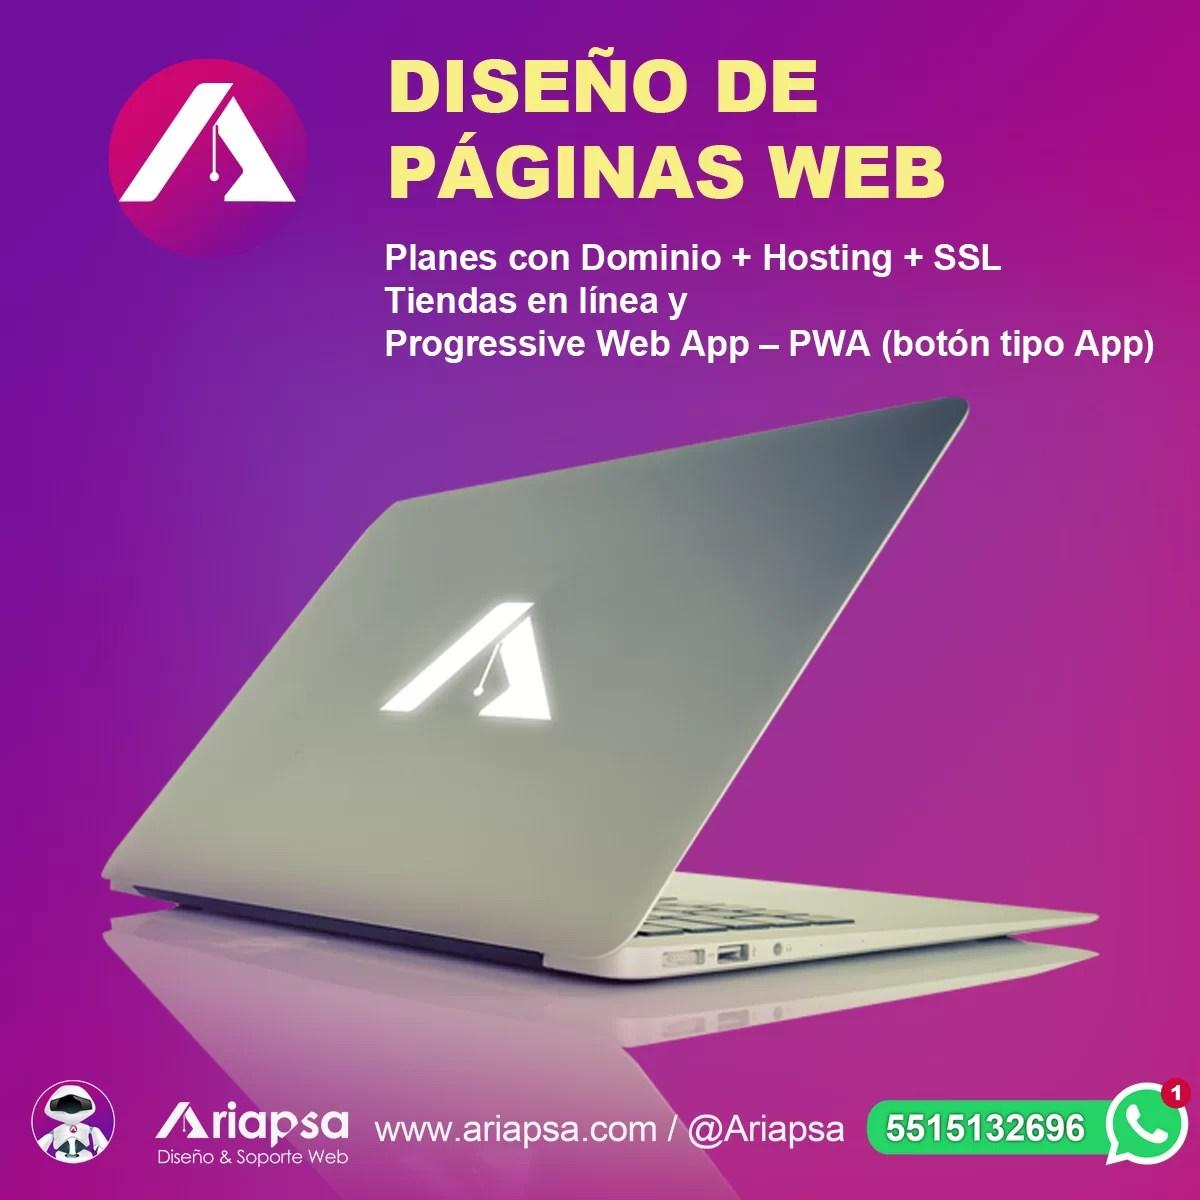 Diseño web México Ariapsa 4A